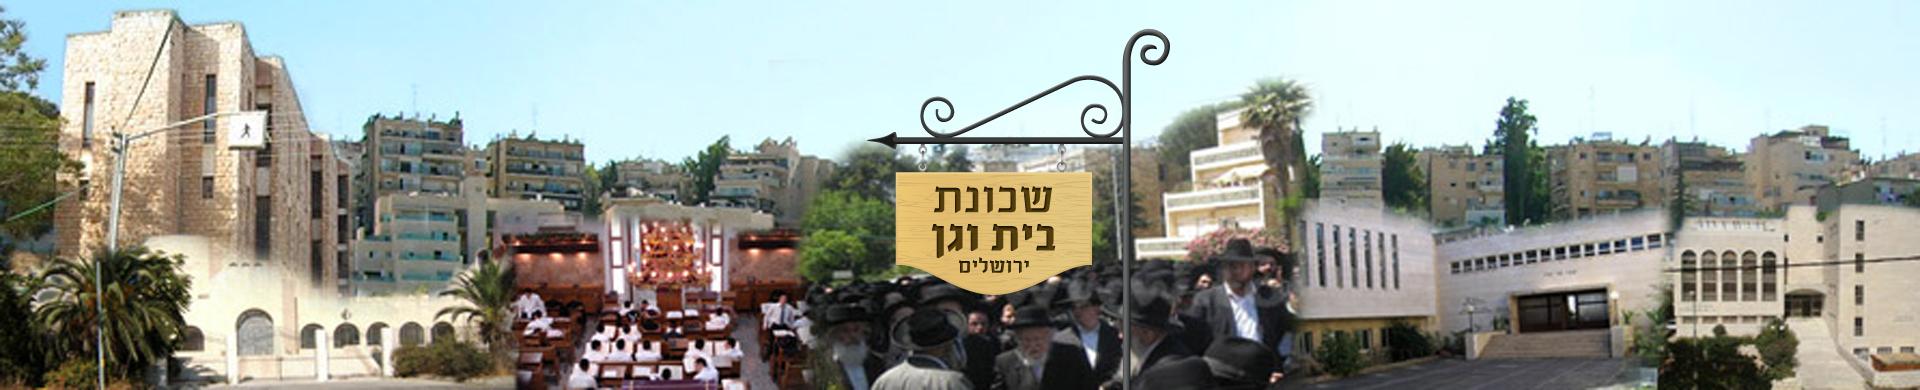 מוסדות תורה בשכונת בית וגן בירושלים